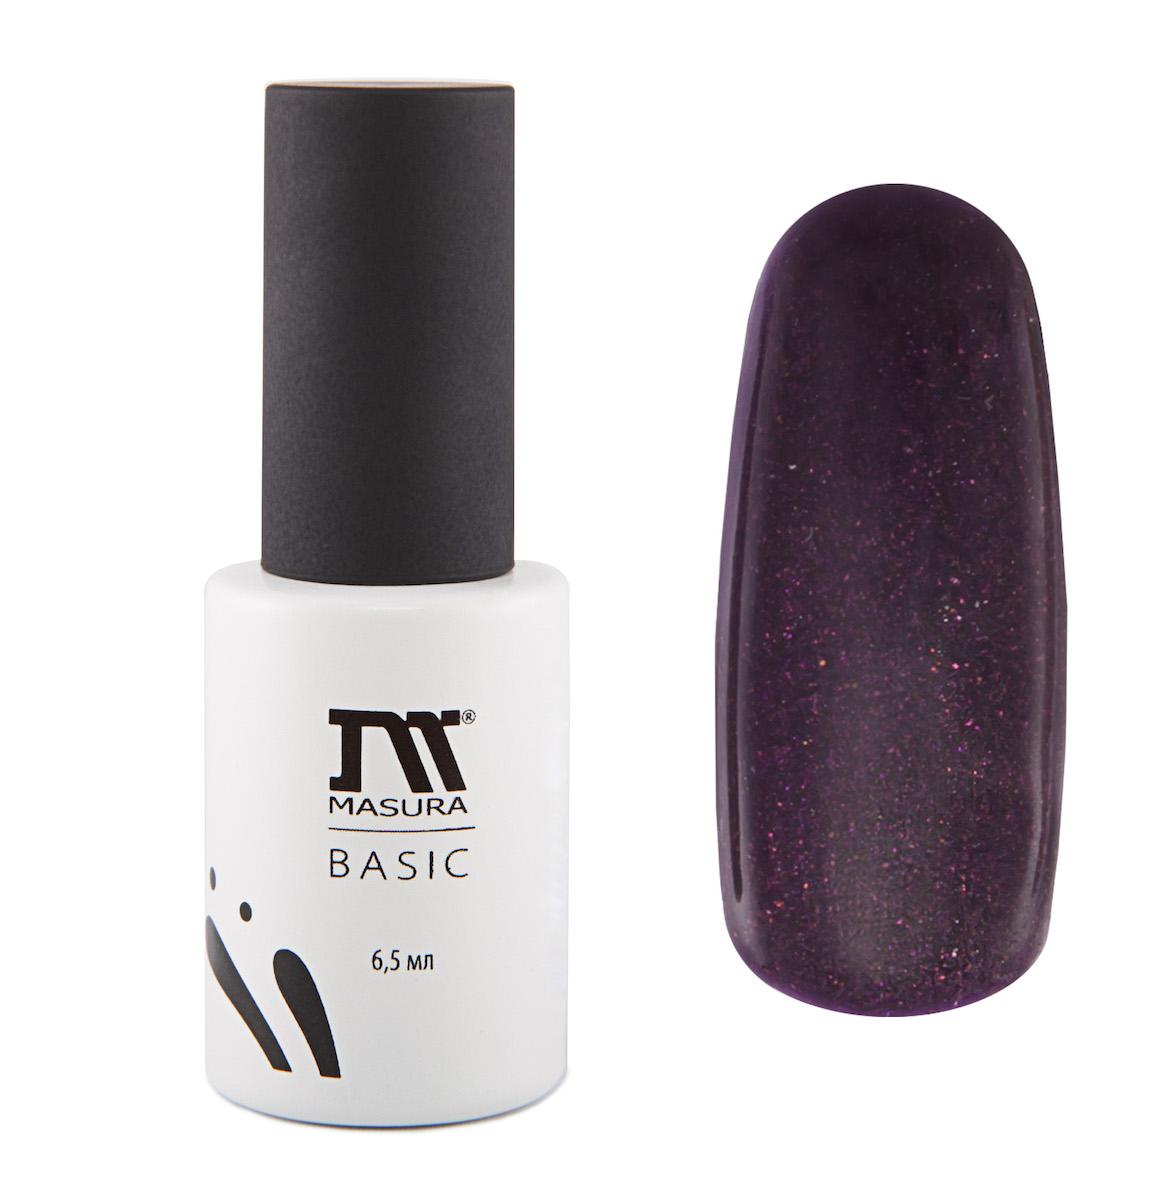 Masura Гель-лаки BASIC Марко Поло, 6,5 мл6Темно-фиолетовый с мелким голографическим и сиренево-бронзовым мерцанием, плотный